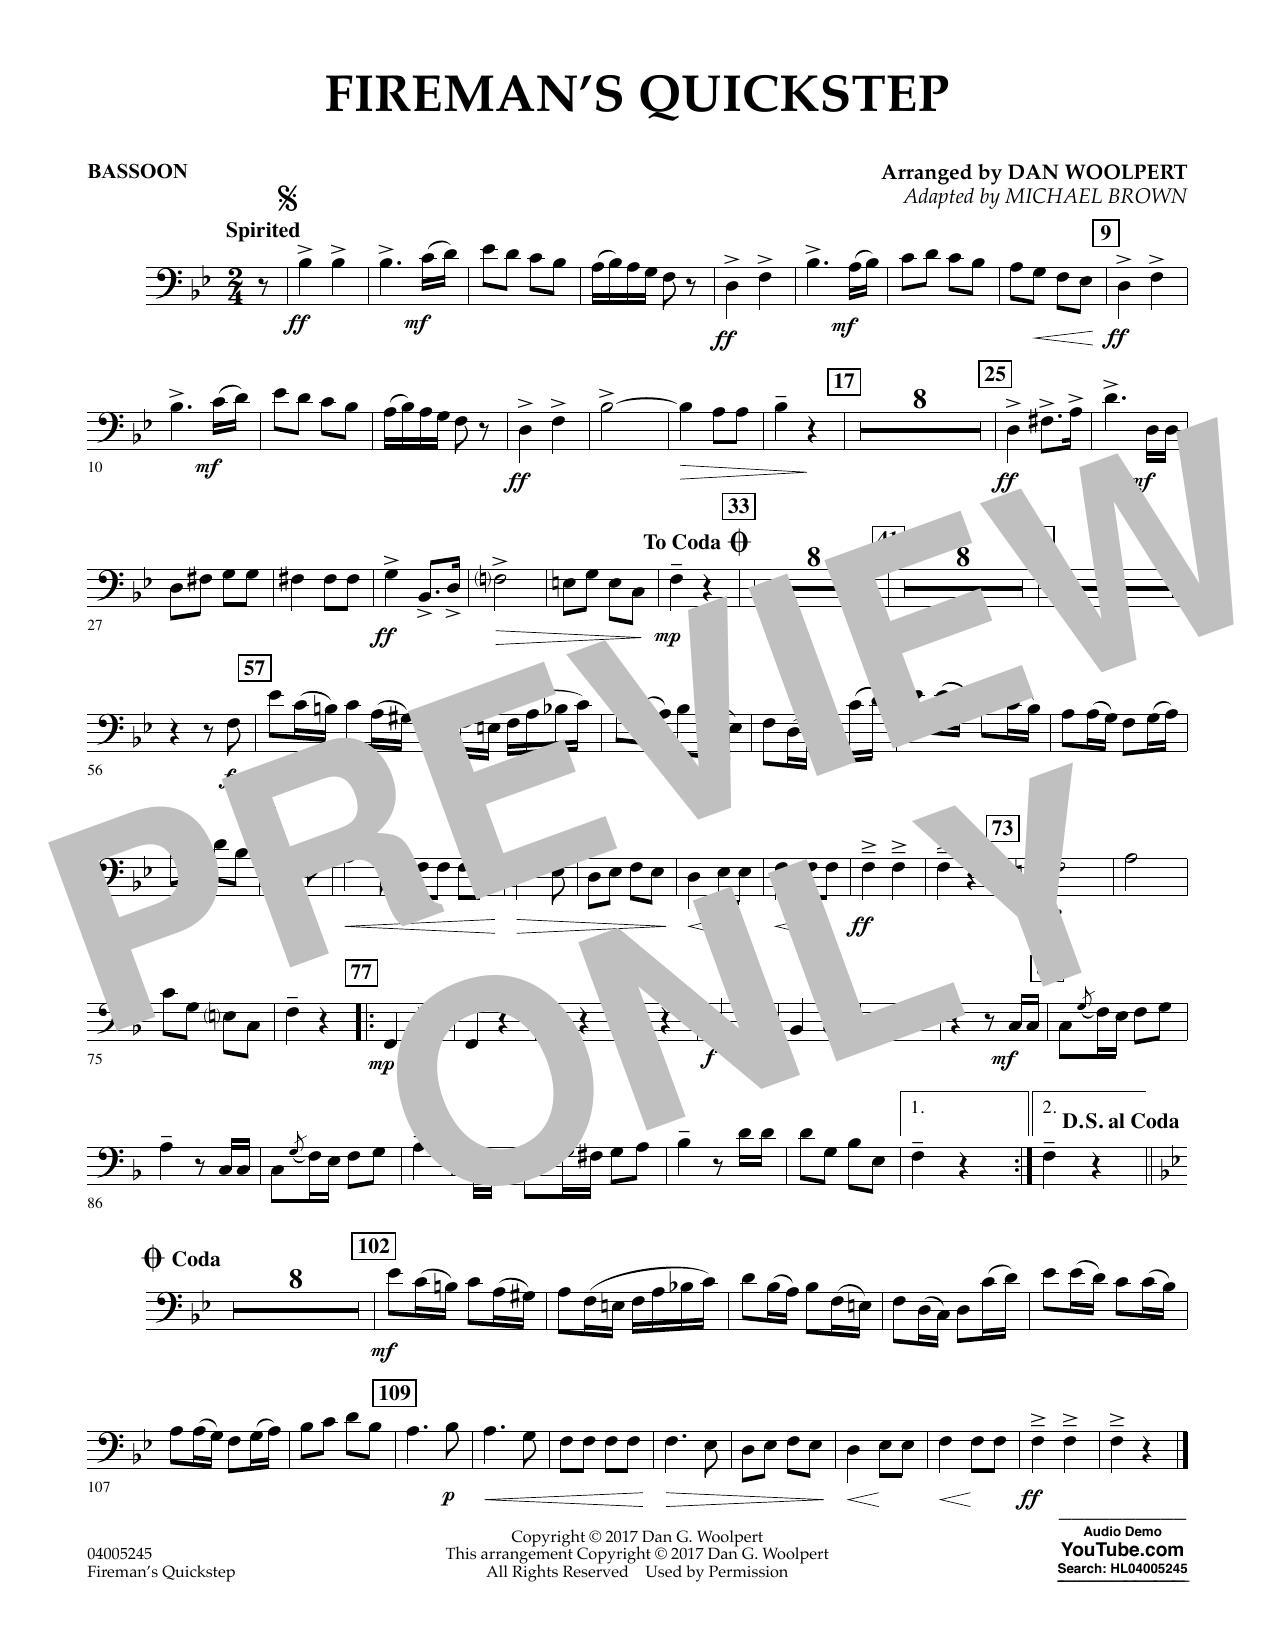 Fireman's Quickstep - Bassoon (Concert Band)